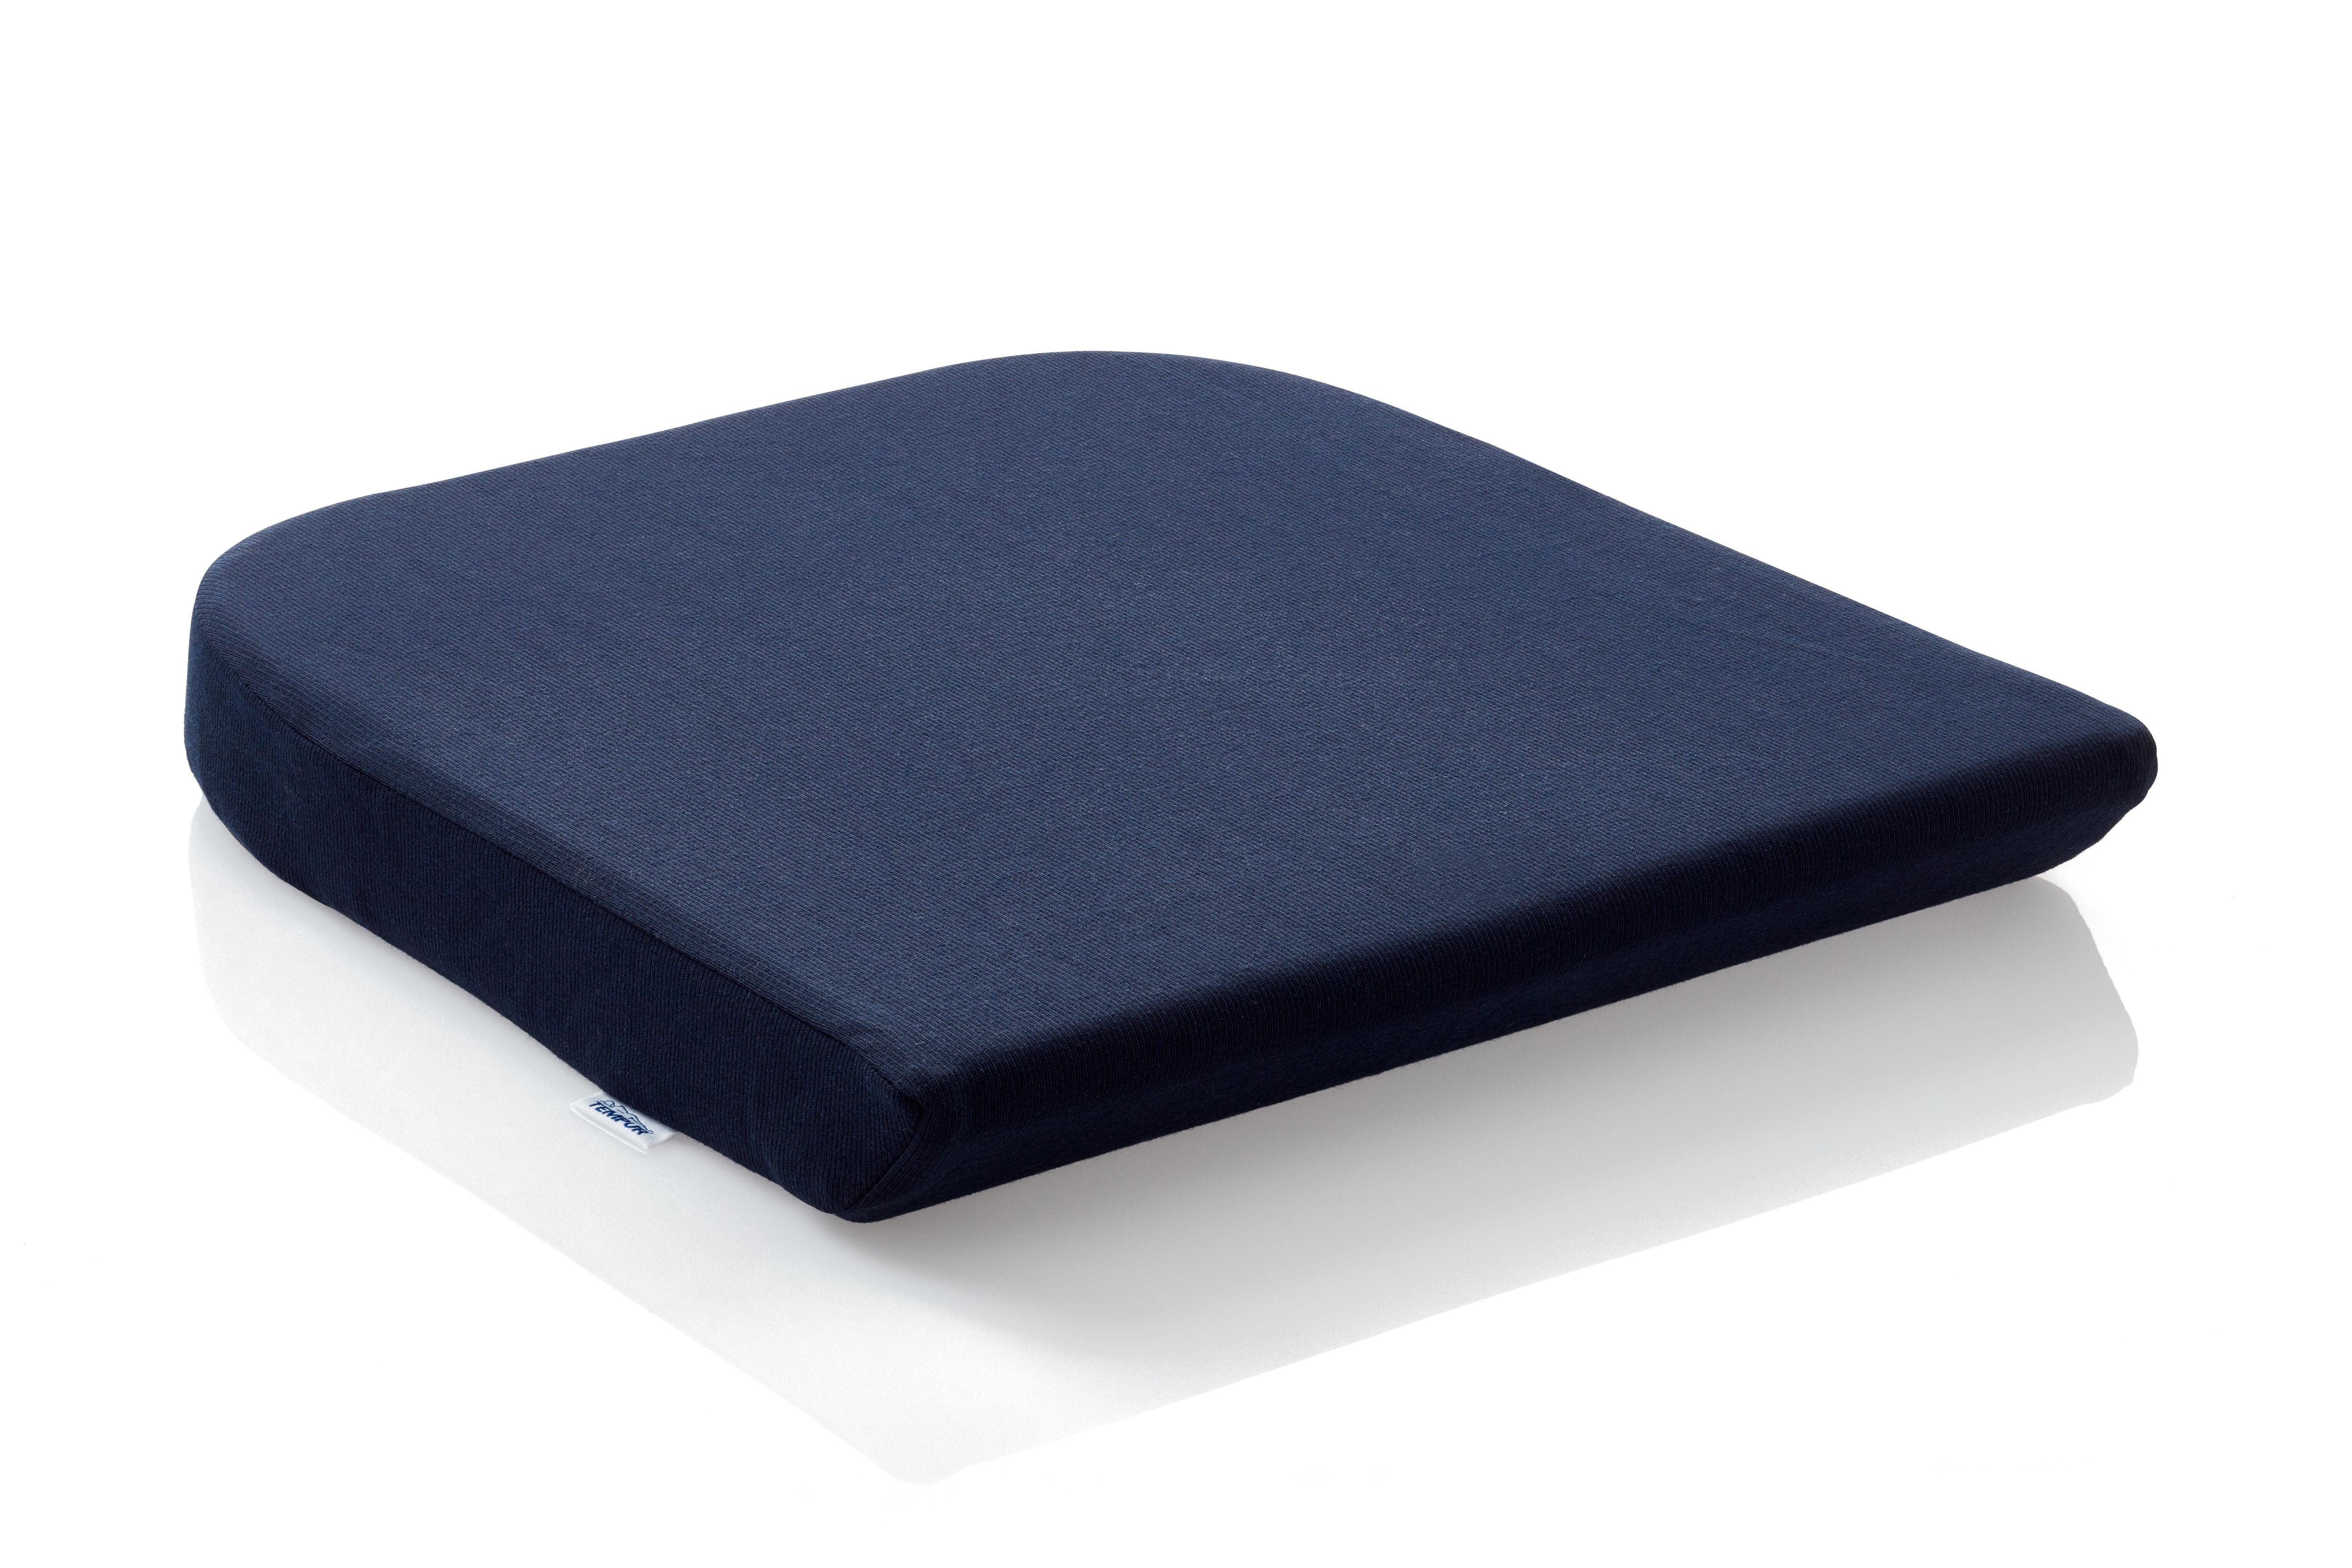 TEMPUR-istuintyyny lisää istumisen mukavuutta jakamalla painosi tasaisesti istumapinnalle. Tyyny mahdollistaa pitkäkestoisenkin istumisen ilman rasittavaa paineen tunnetta ja tarvetta alituiseen asennon vaihteluun, näin parantaen keskittymistä ja työtehoa.